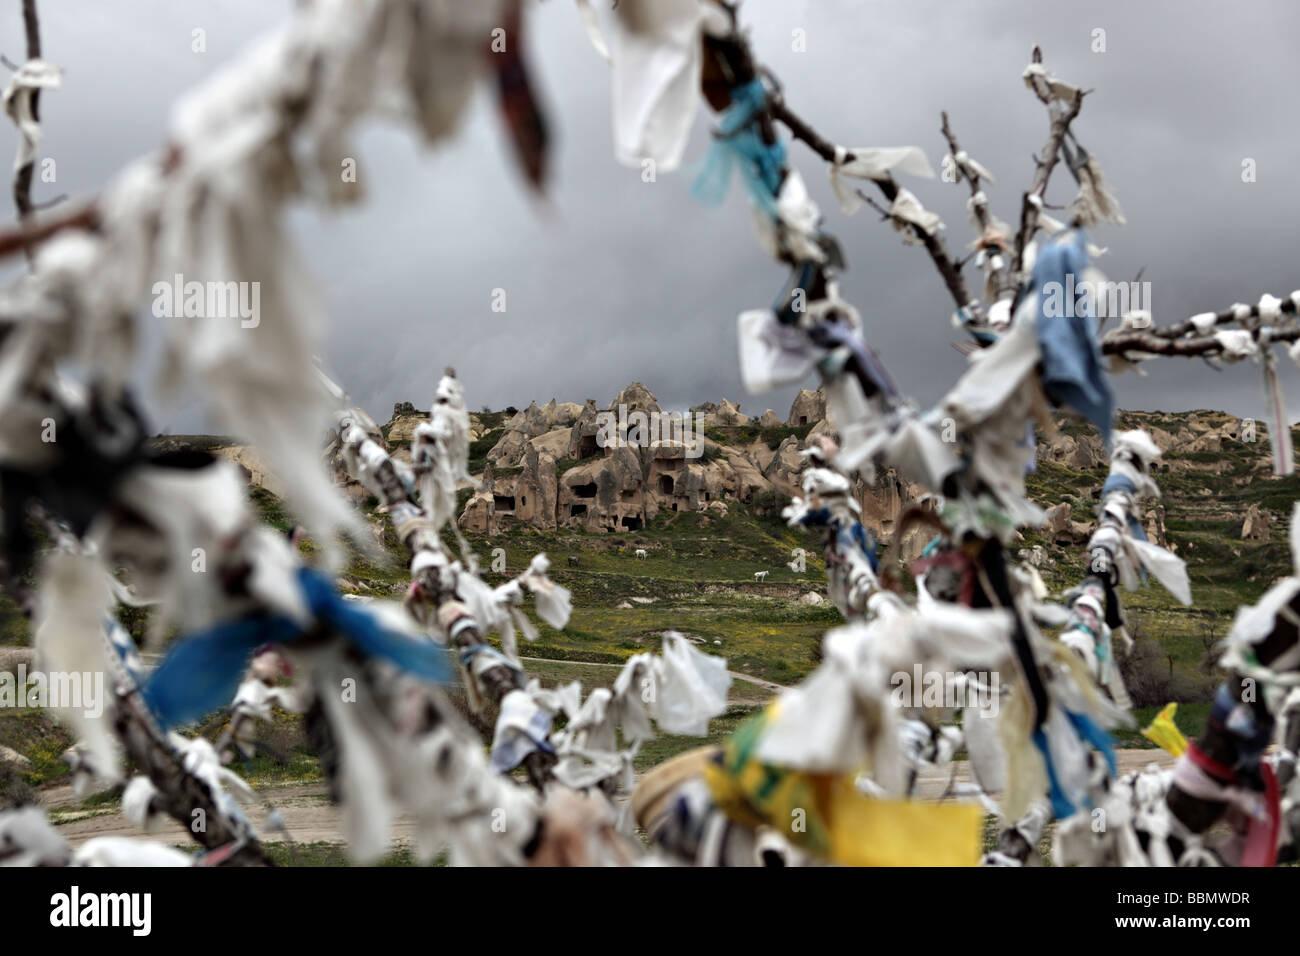 Una instantánea del llamado deseo de árbol en la tierra de Cappadocia, Turquía. Foto de stock